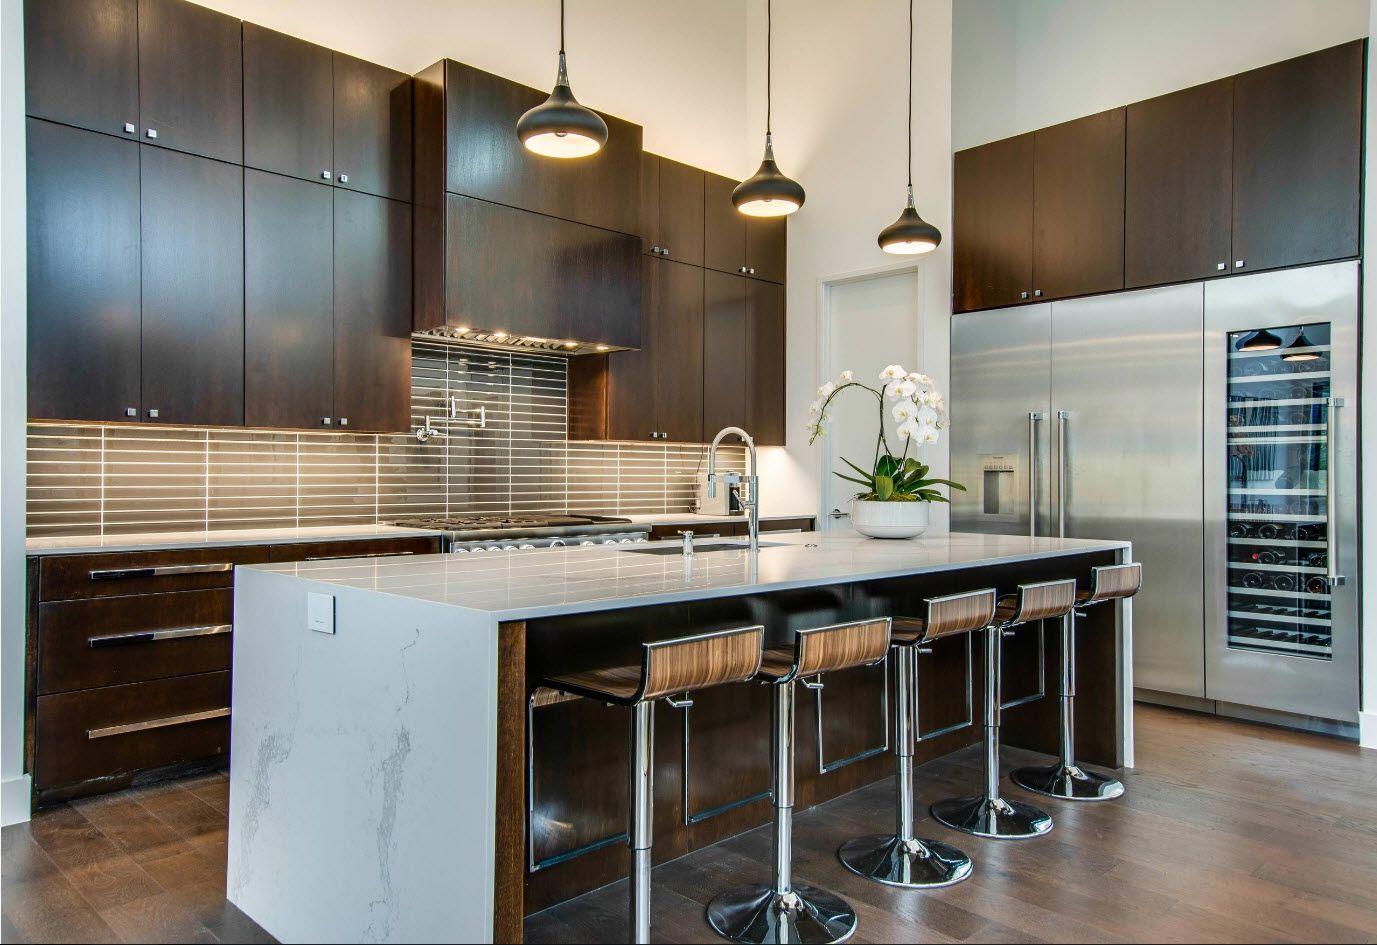 100+ Photo Design Ideas of Modern, Comfortable IKEA ... on Kitchen Model Ideas  id=20475